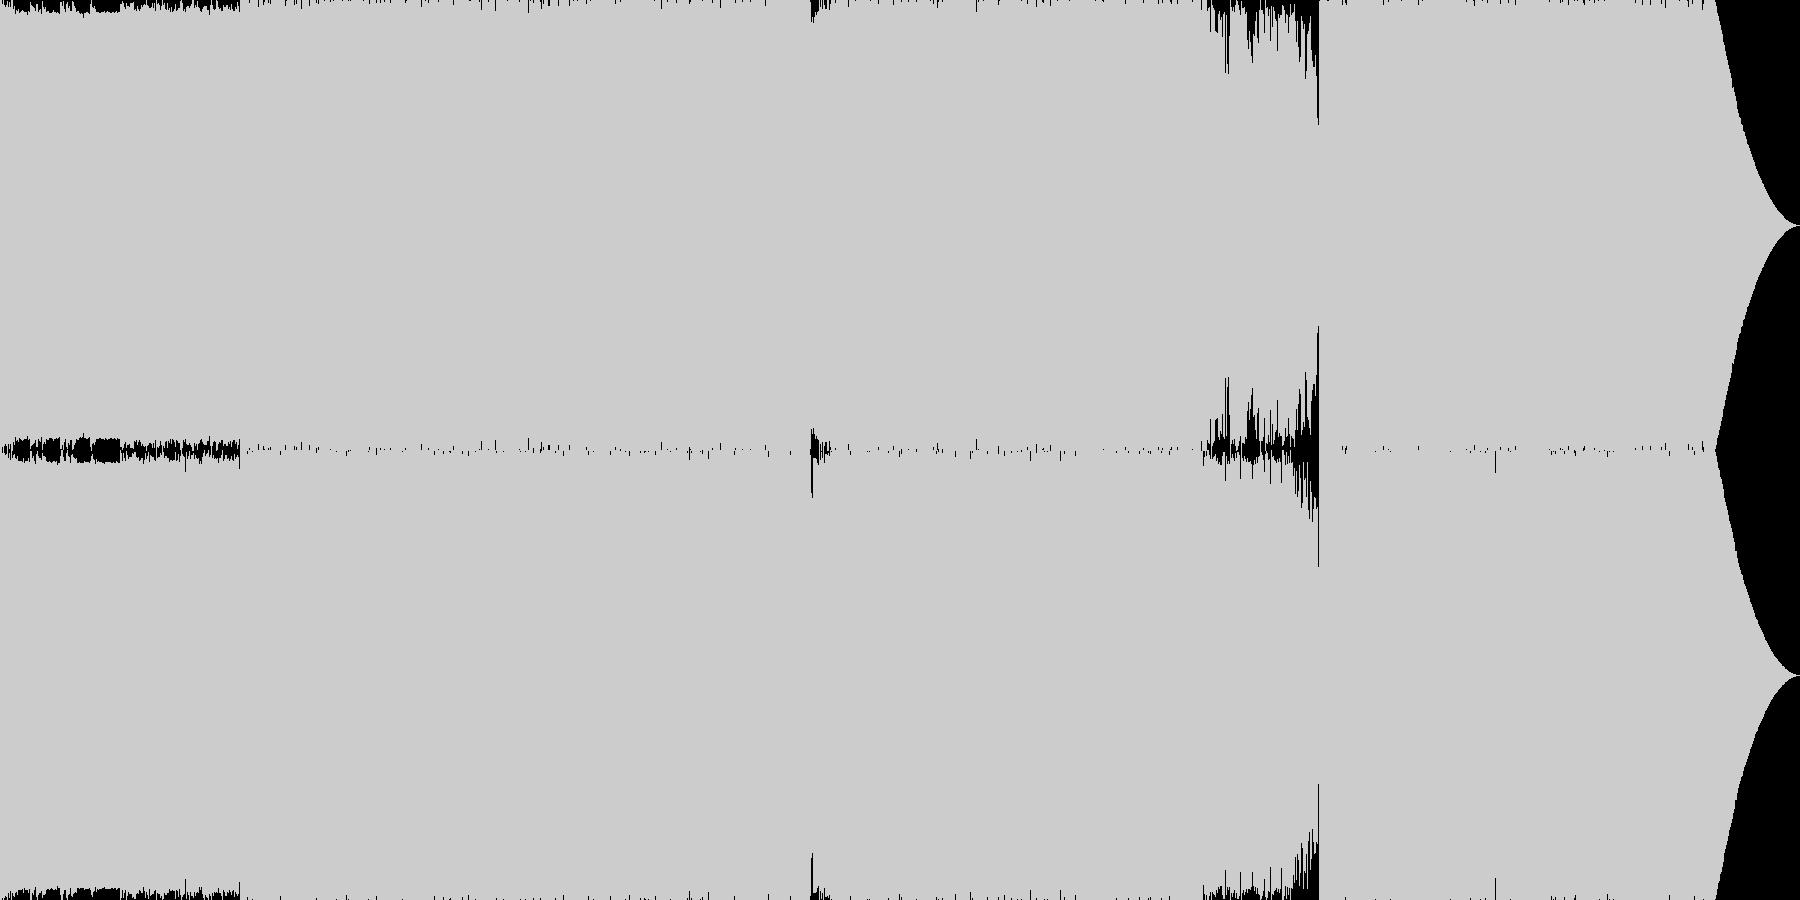 まったりした雰囲気のエレクトロの未再生の波形